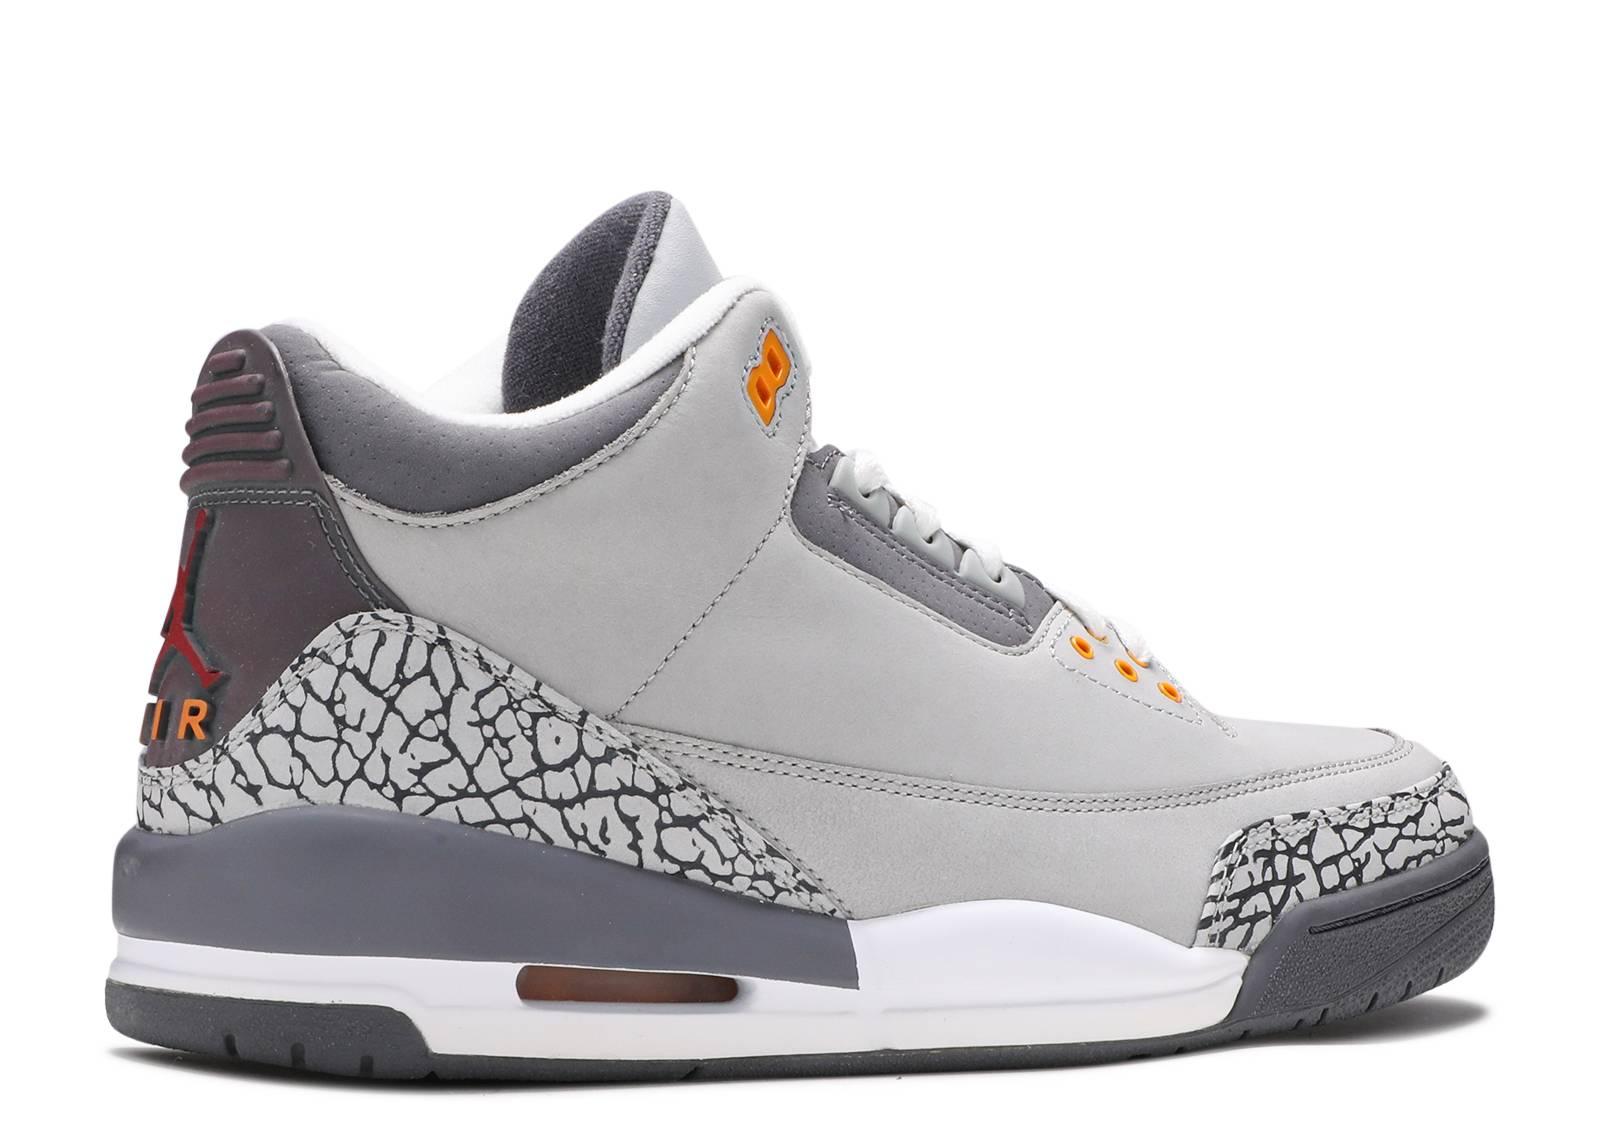 Jordans 3 All Red Air Jordan 3 Retro Ls ...